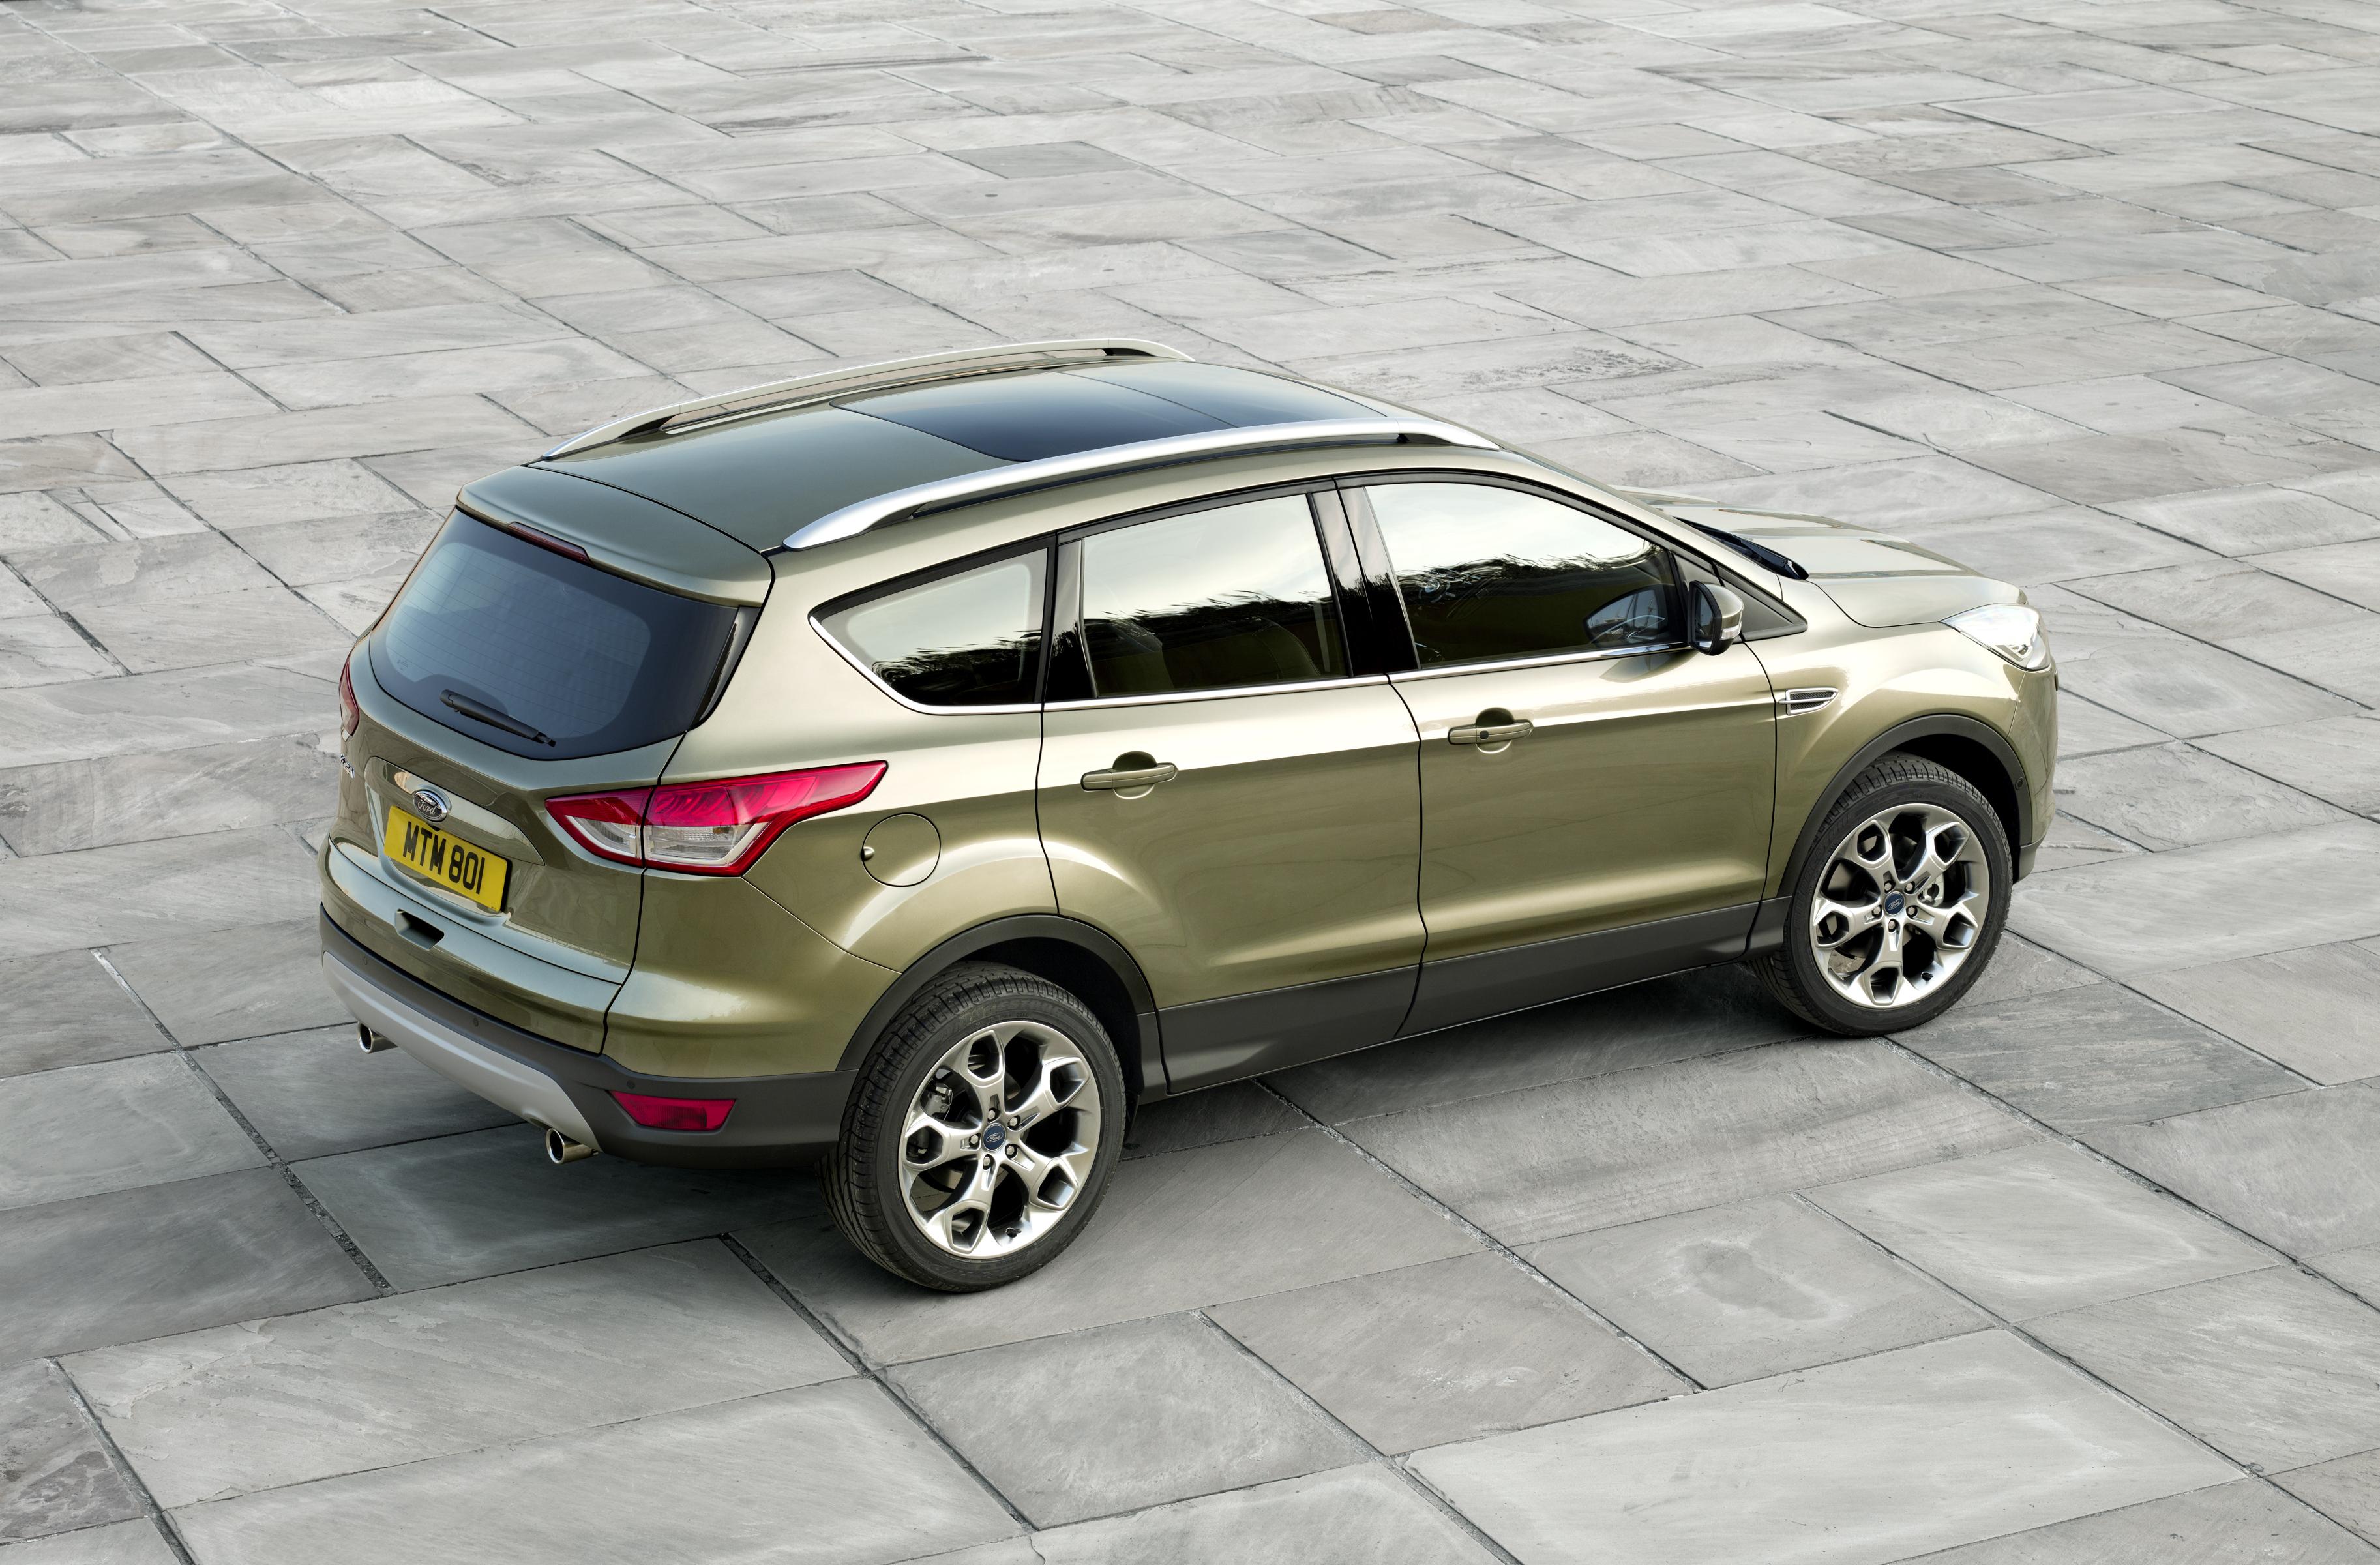 Ford ФОРД  официальный дилер  Купить новый Форд по